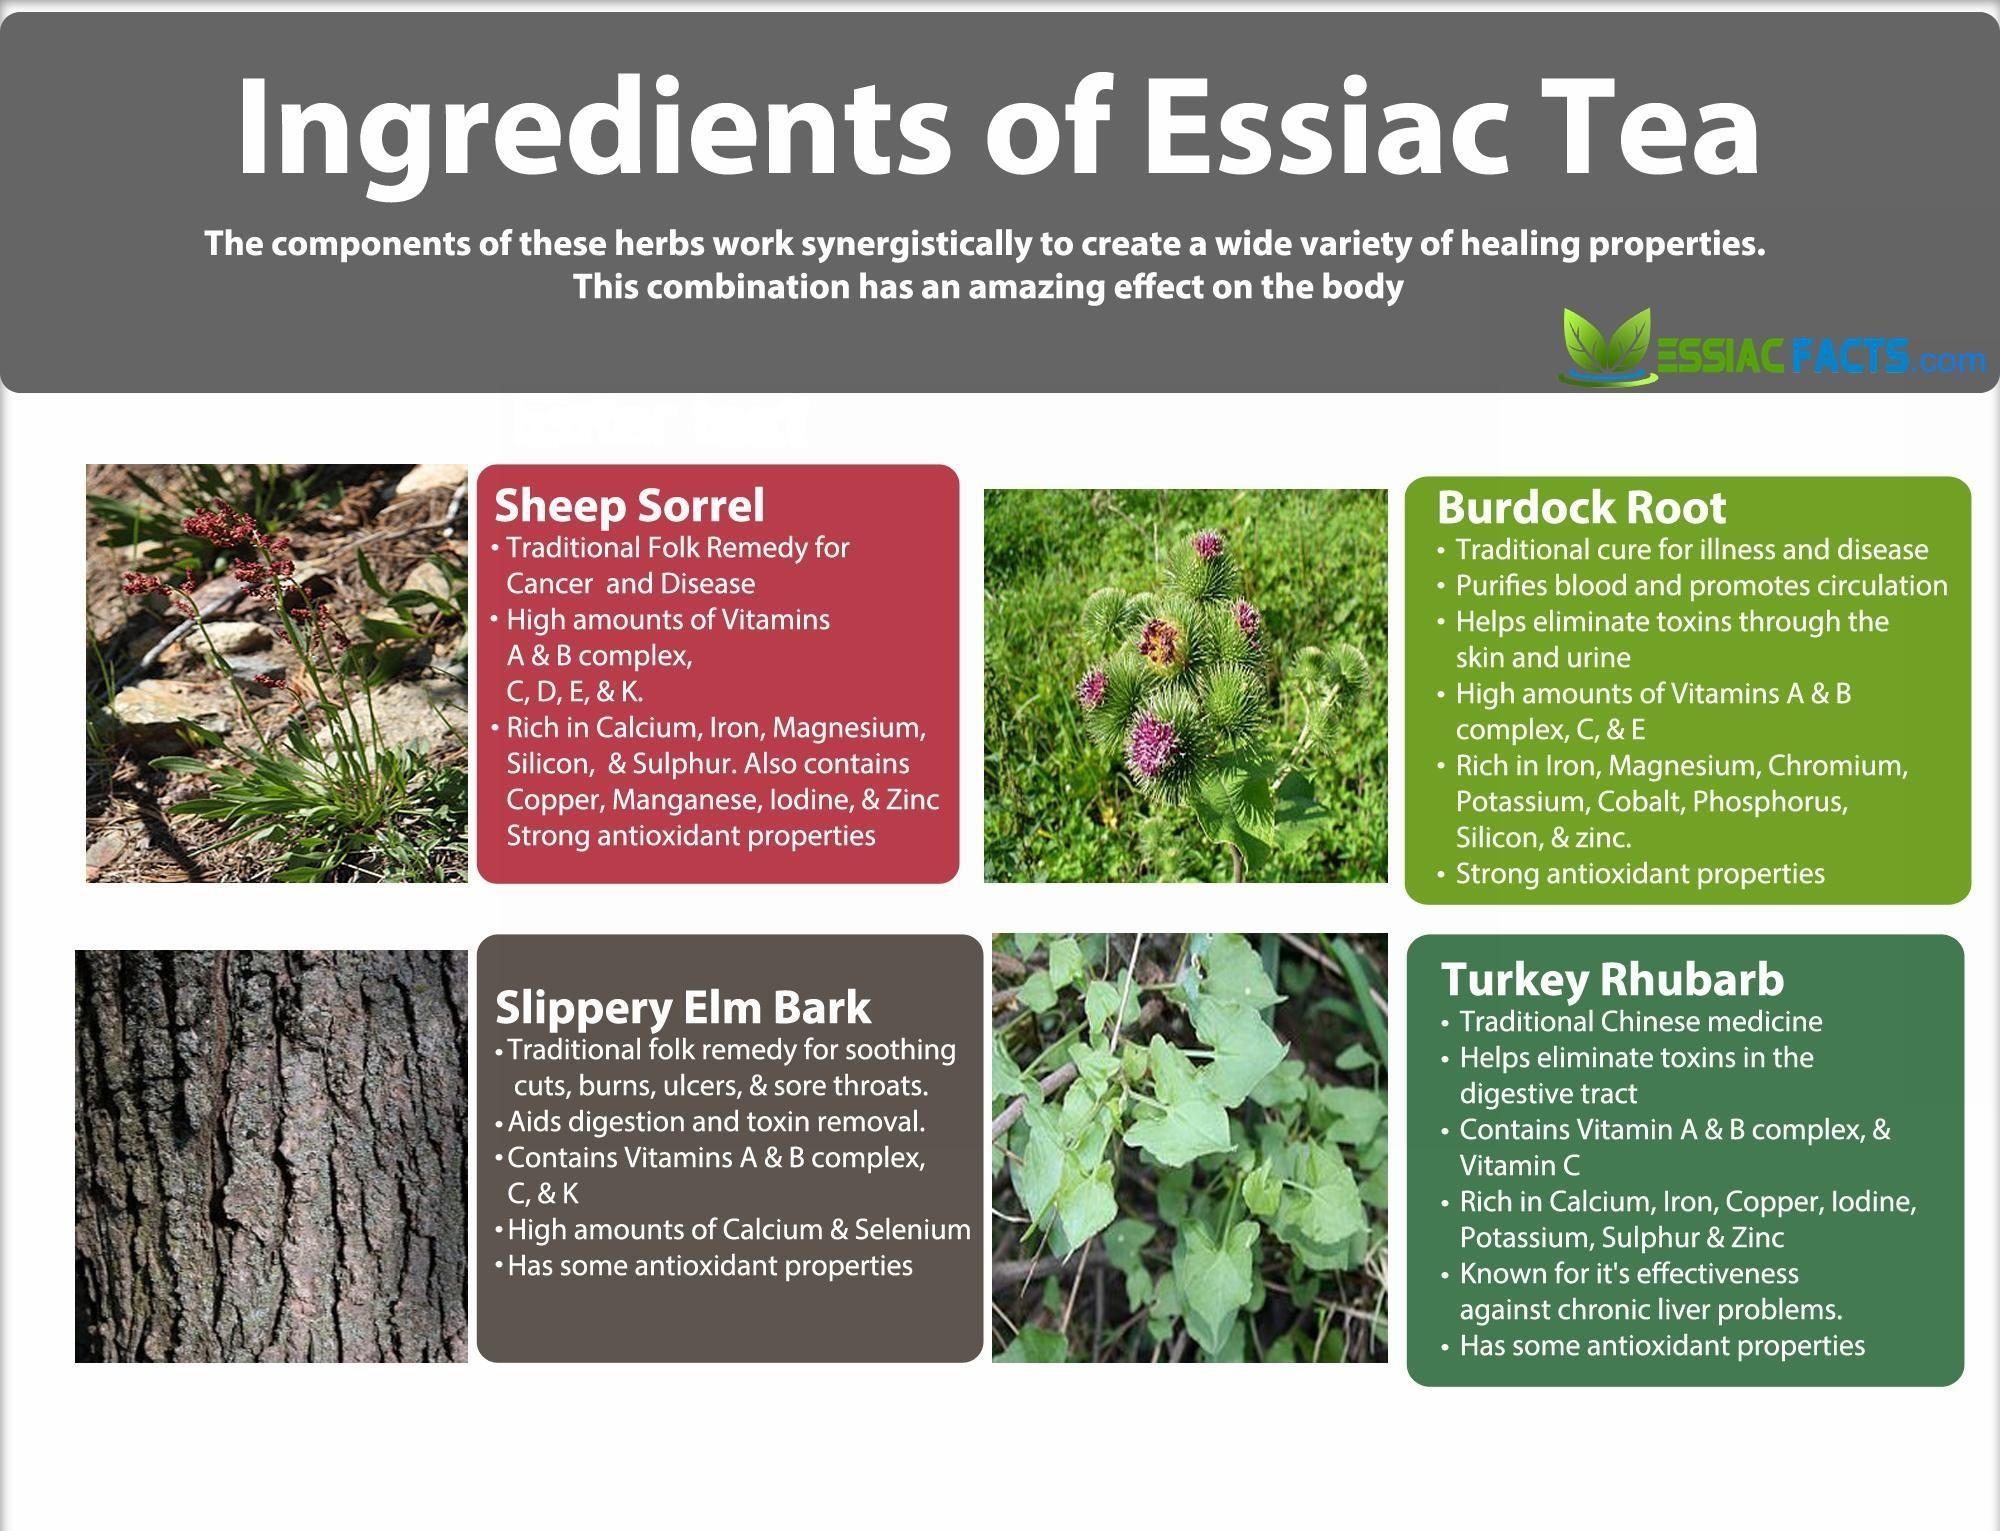 Cancer cure essiac herbal tea - Essiac Tea For Cancer Prevention